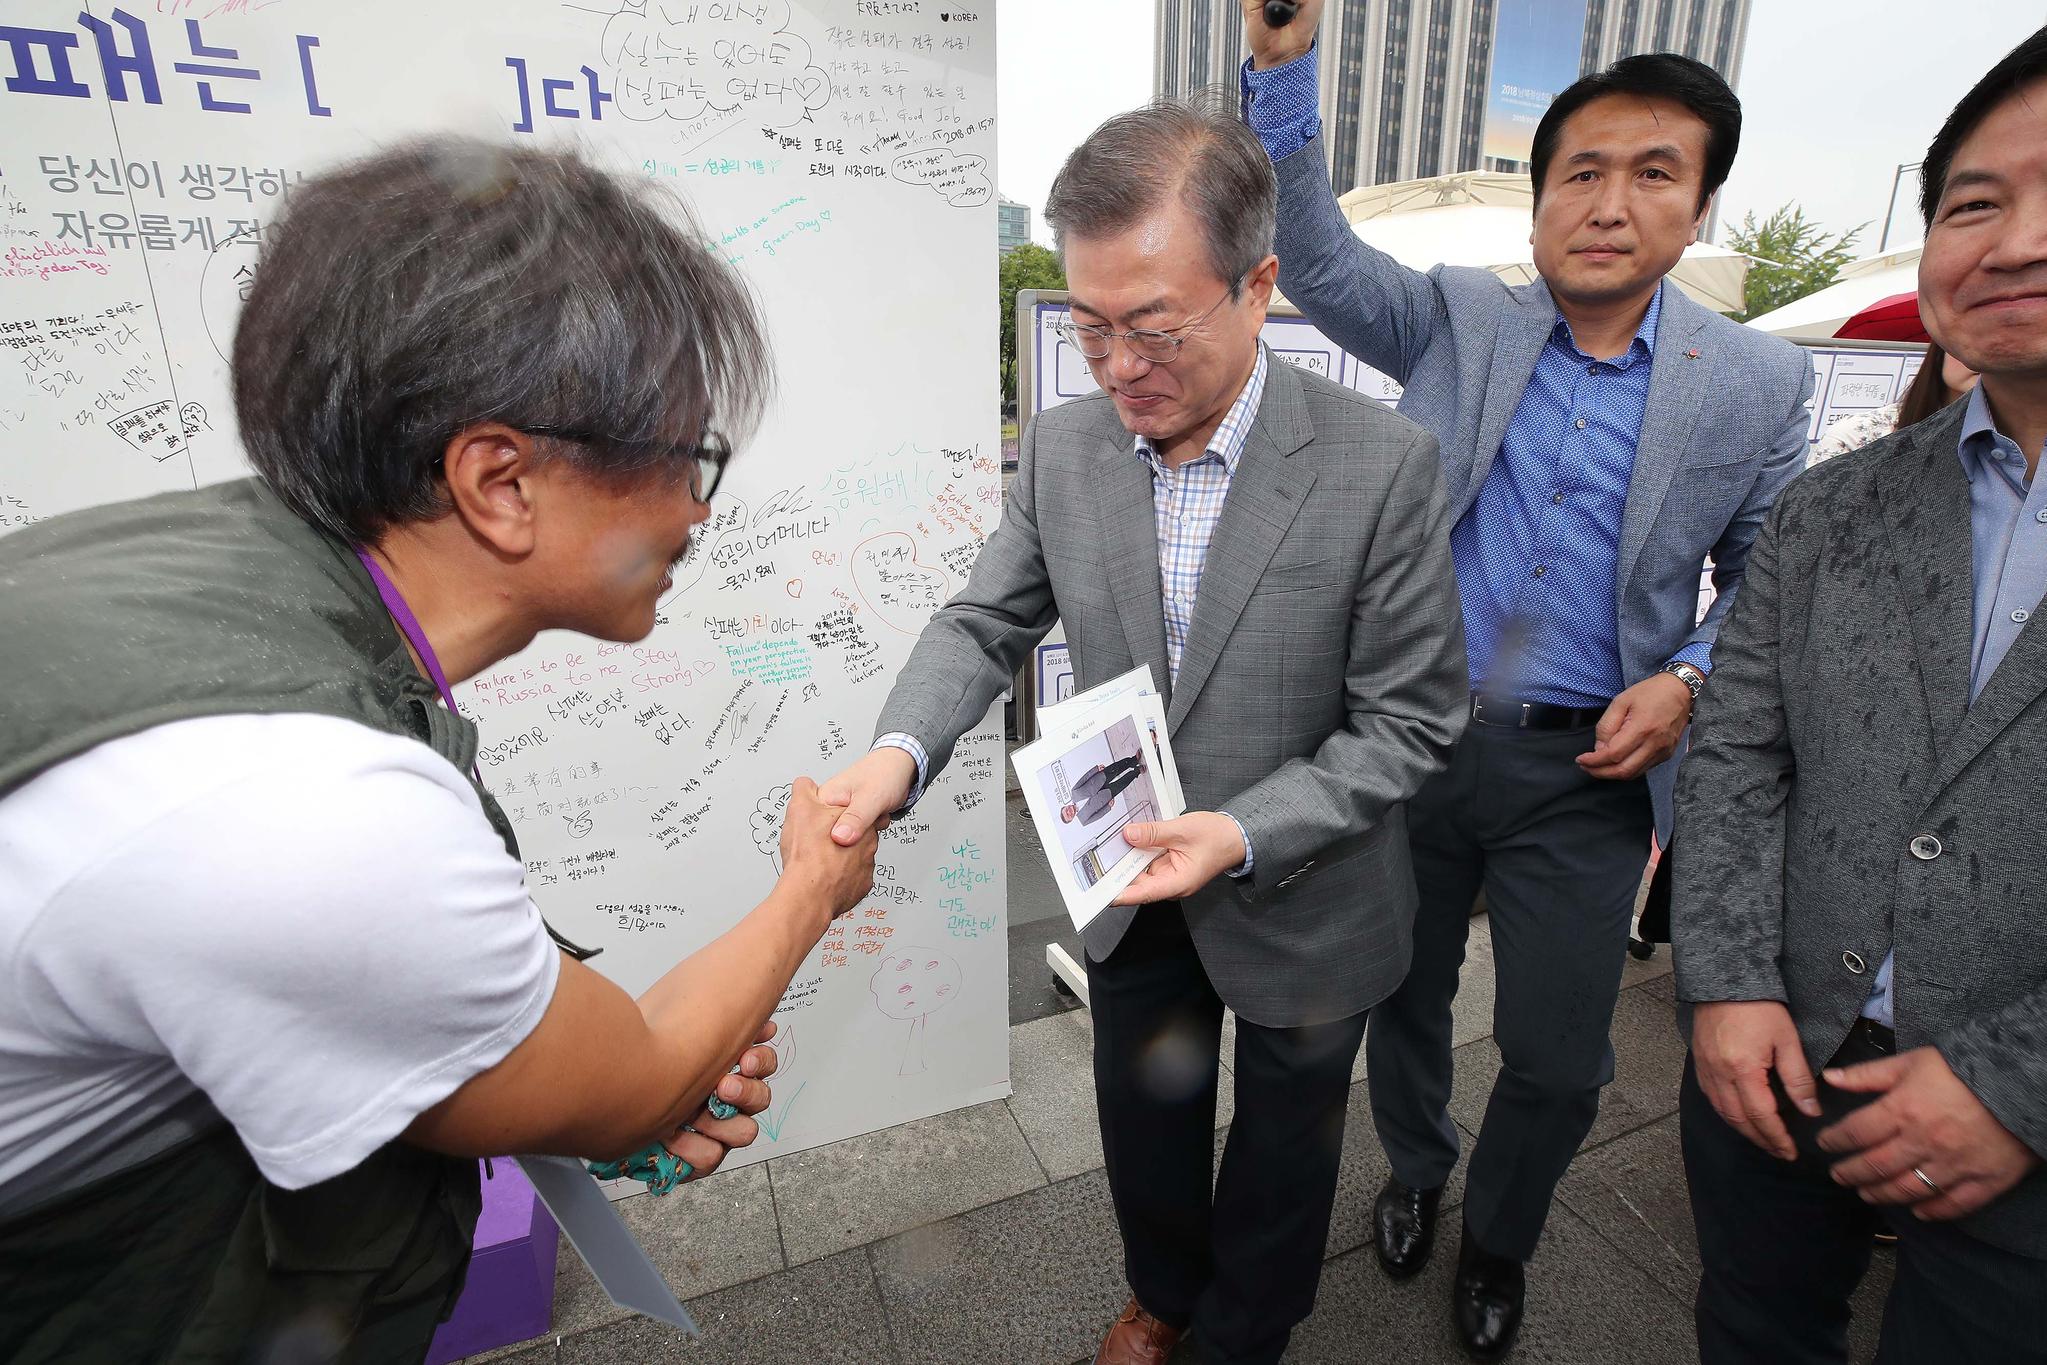 문재인 대통령이 16일 오후 서울 종로구 광화문 광장 일대에서 열린 2018 실패박람회를 방문해 노숙인에서 재기한 희망사진가에게 기념 촬영했던 사진을 선물 받고 있다. [뉴시스]